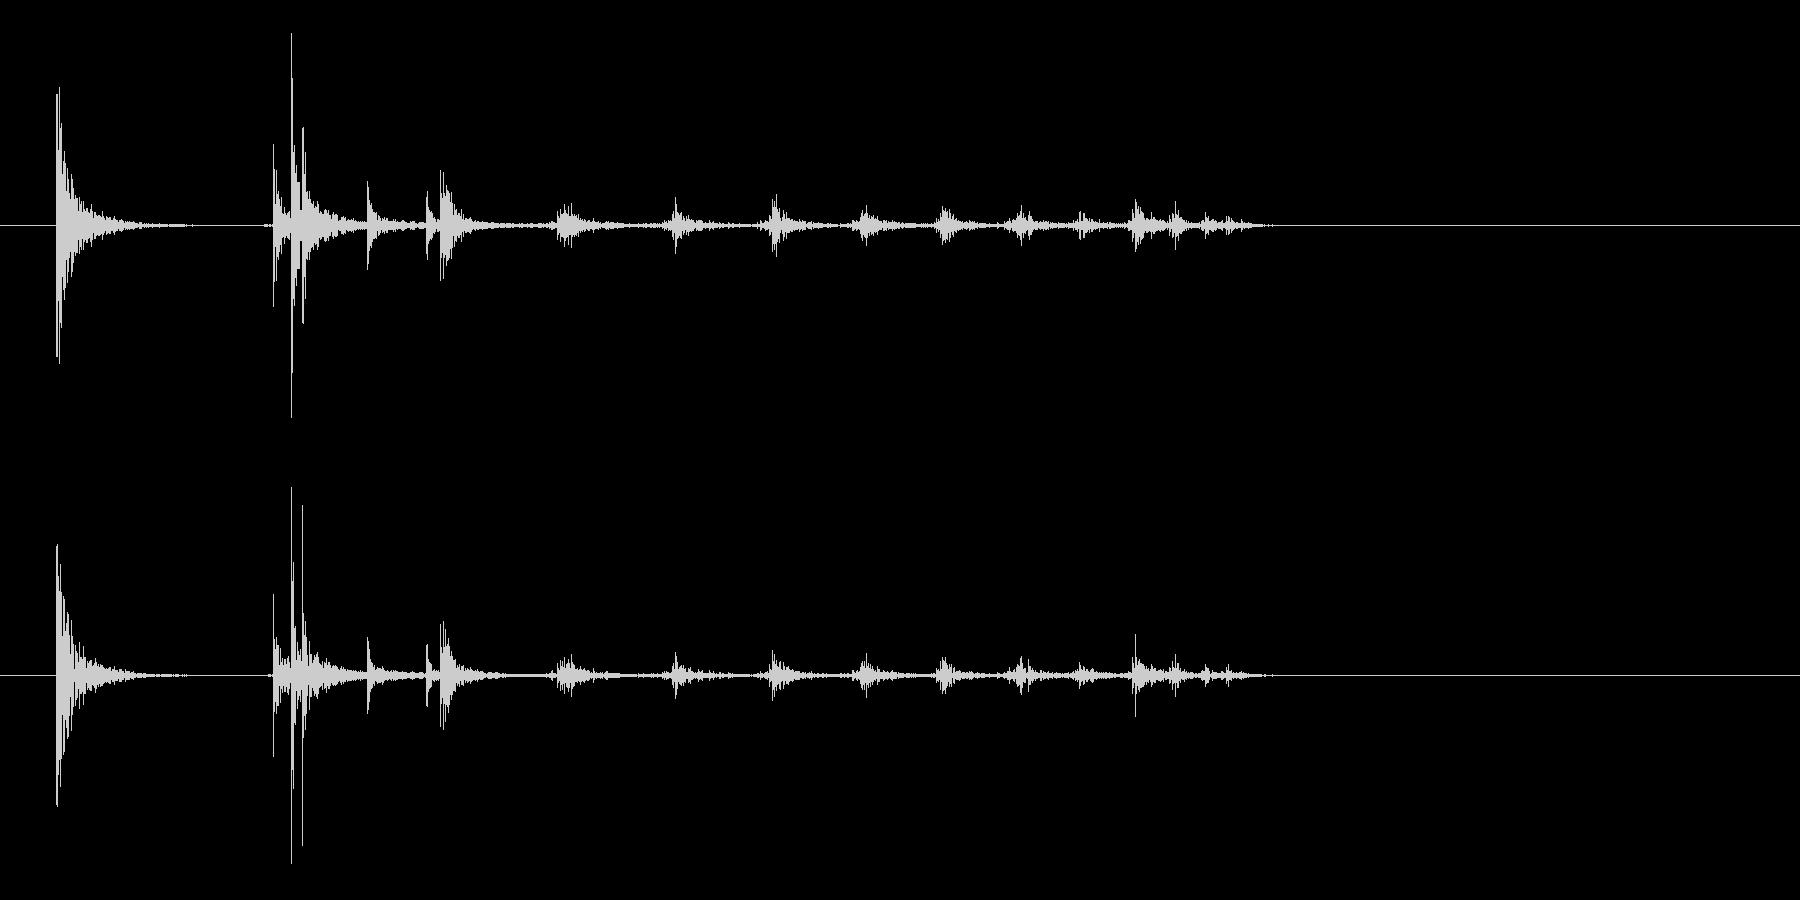 コインの落下音(木板の上)の未再生の波形